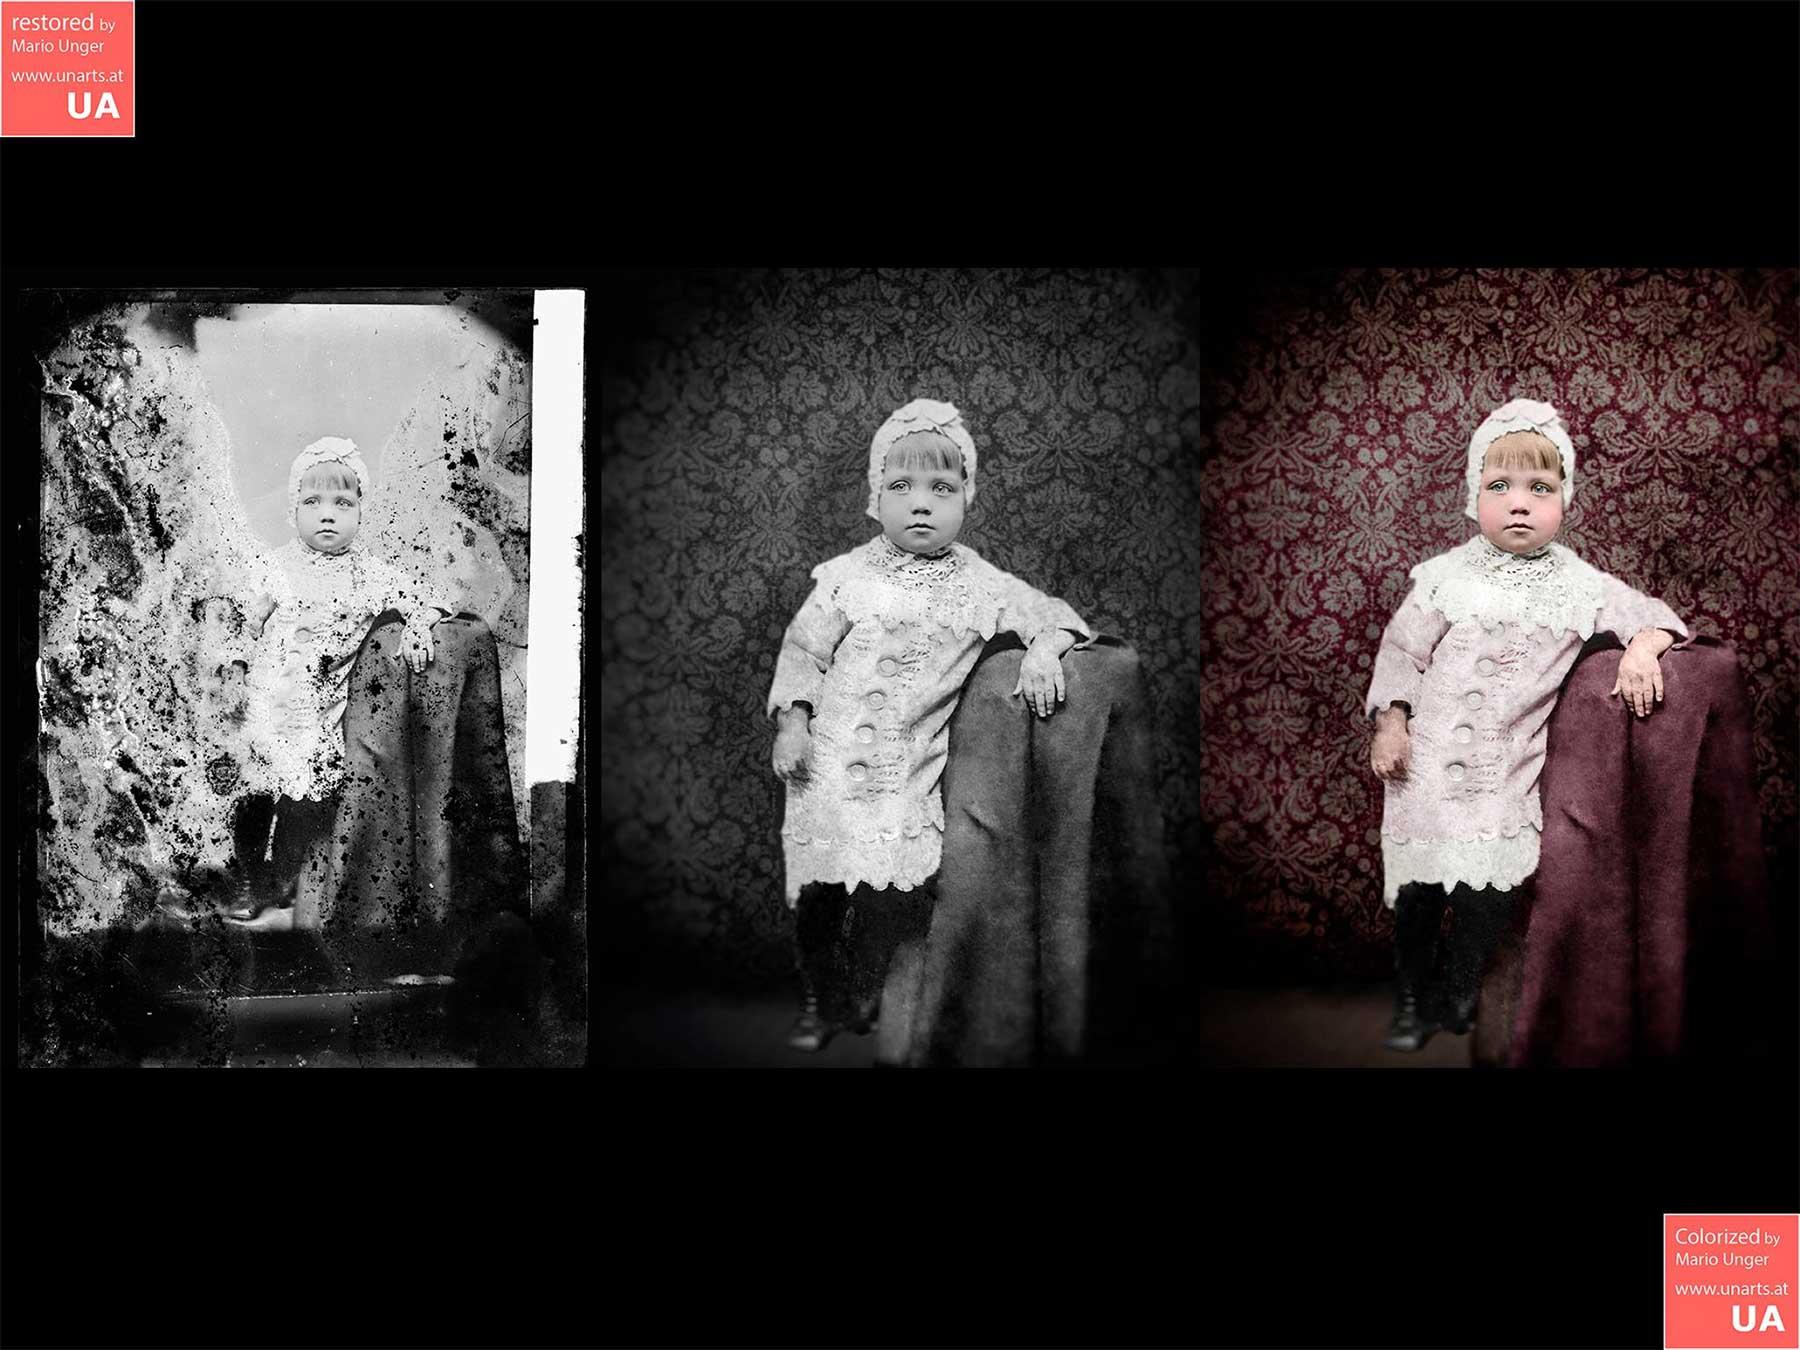 Beeindruckende Foto-Restaurationen von Mario Unger mario-unger-fotorestauration_05